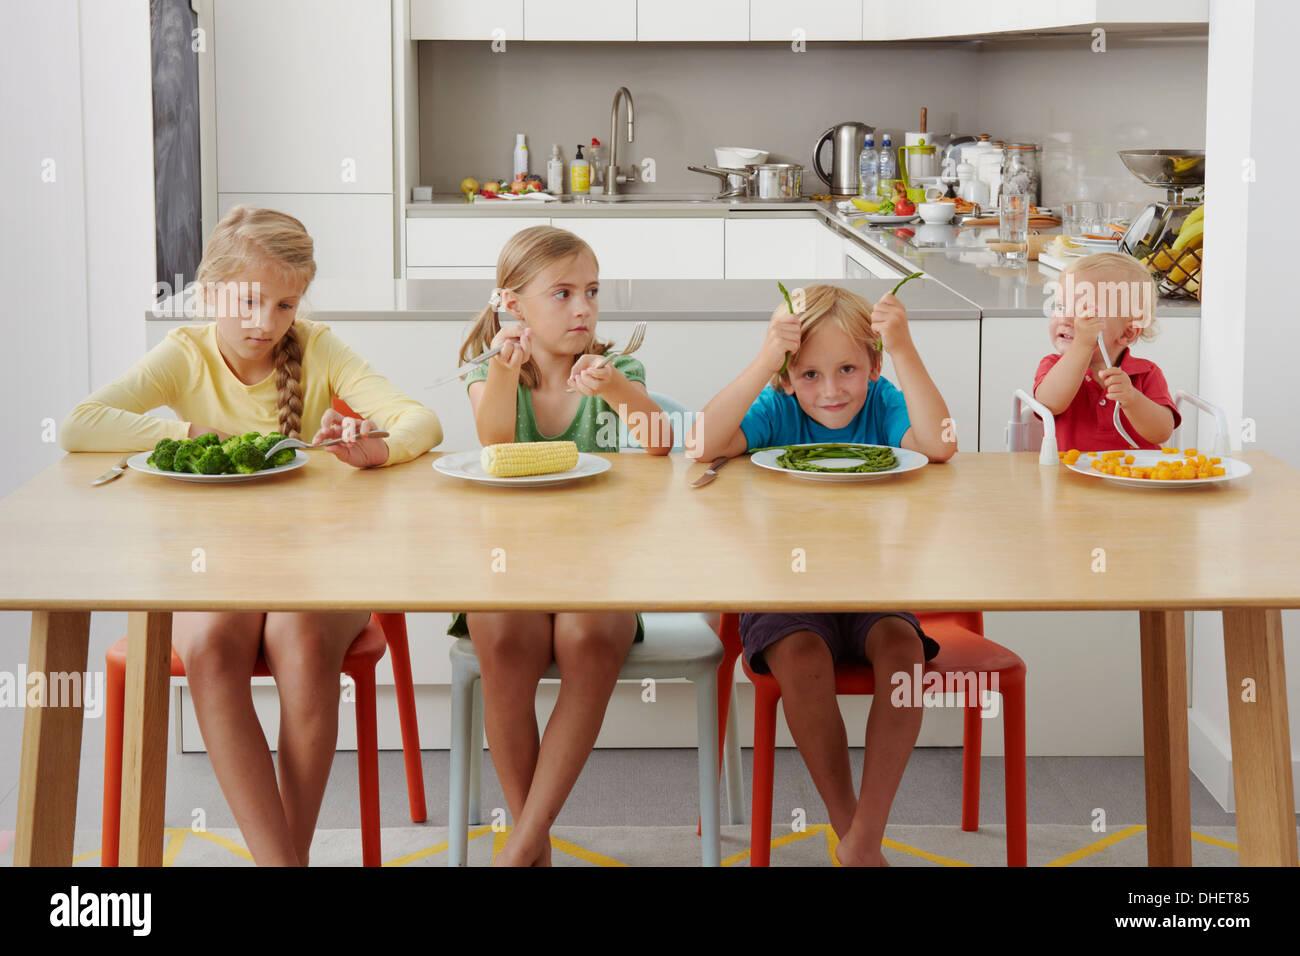 Los niños se niegan a comer vegetales Foto de stock